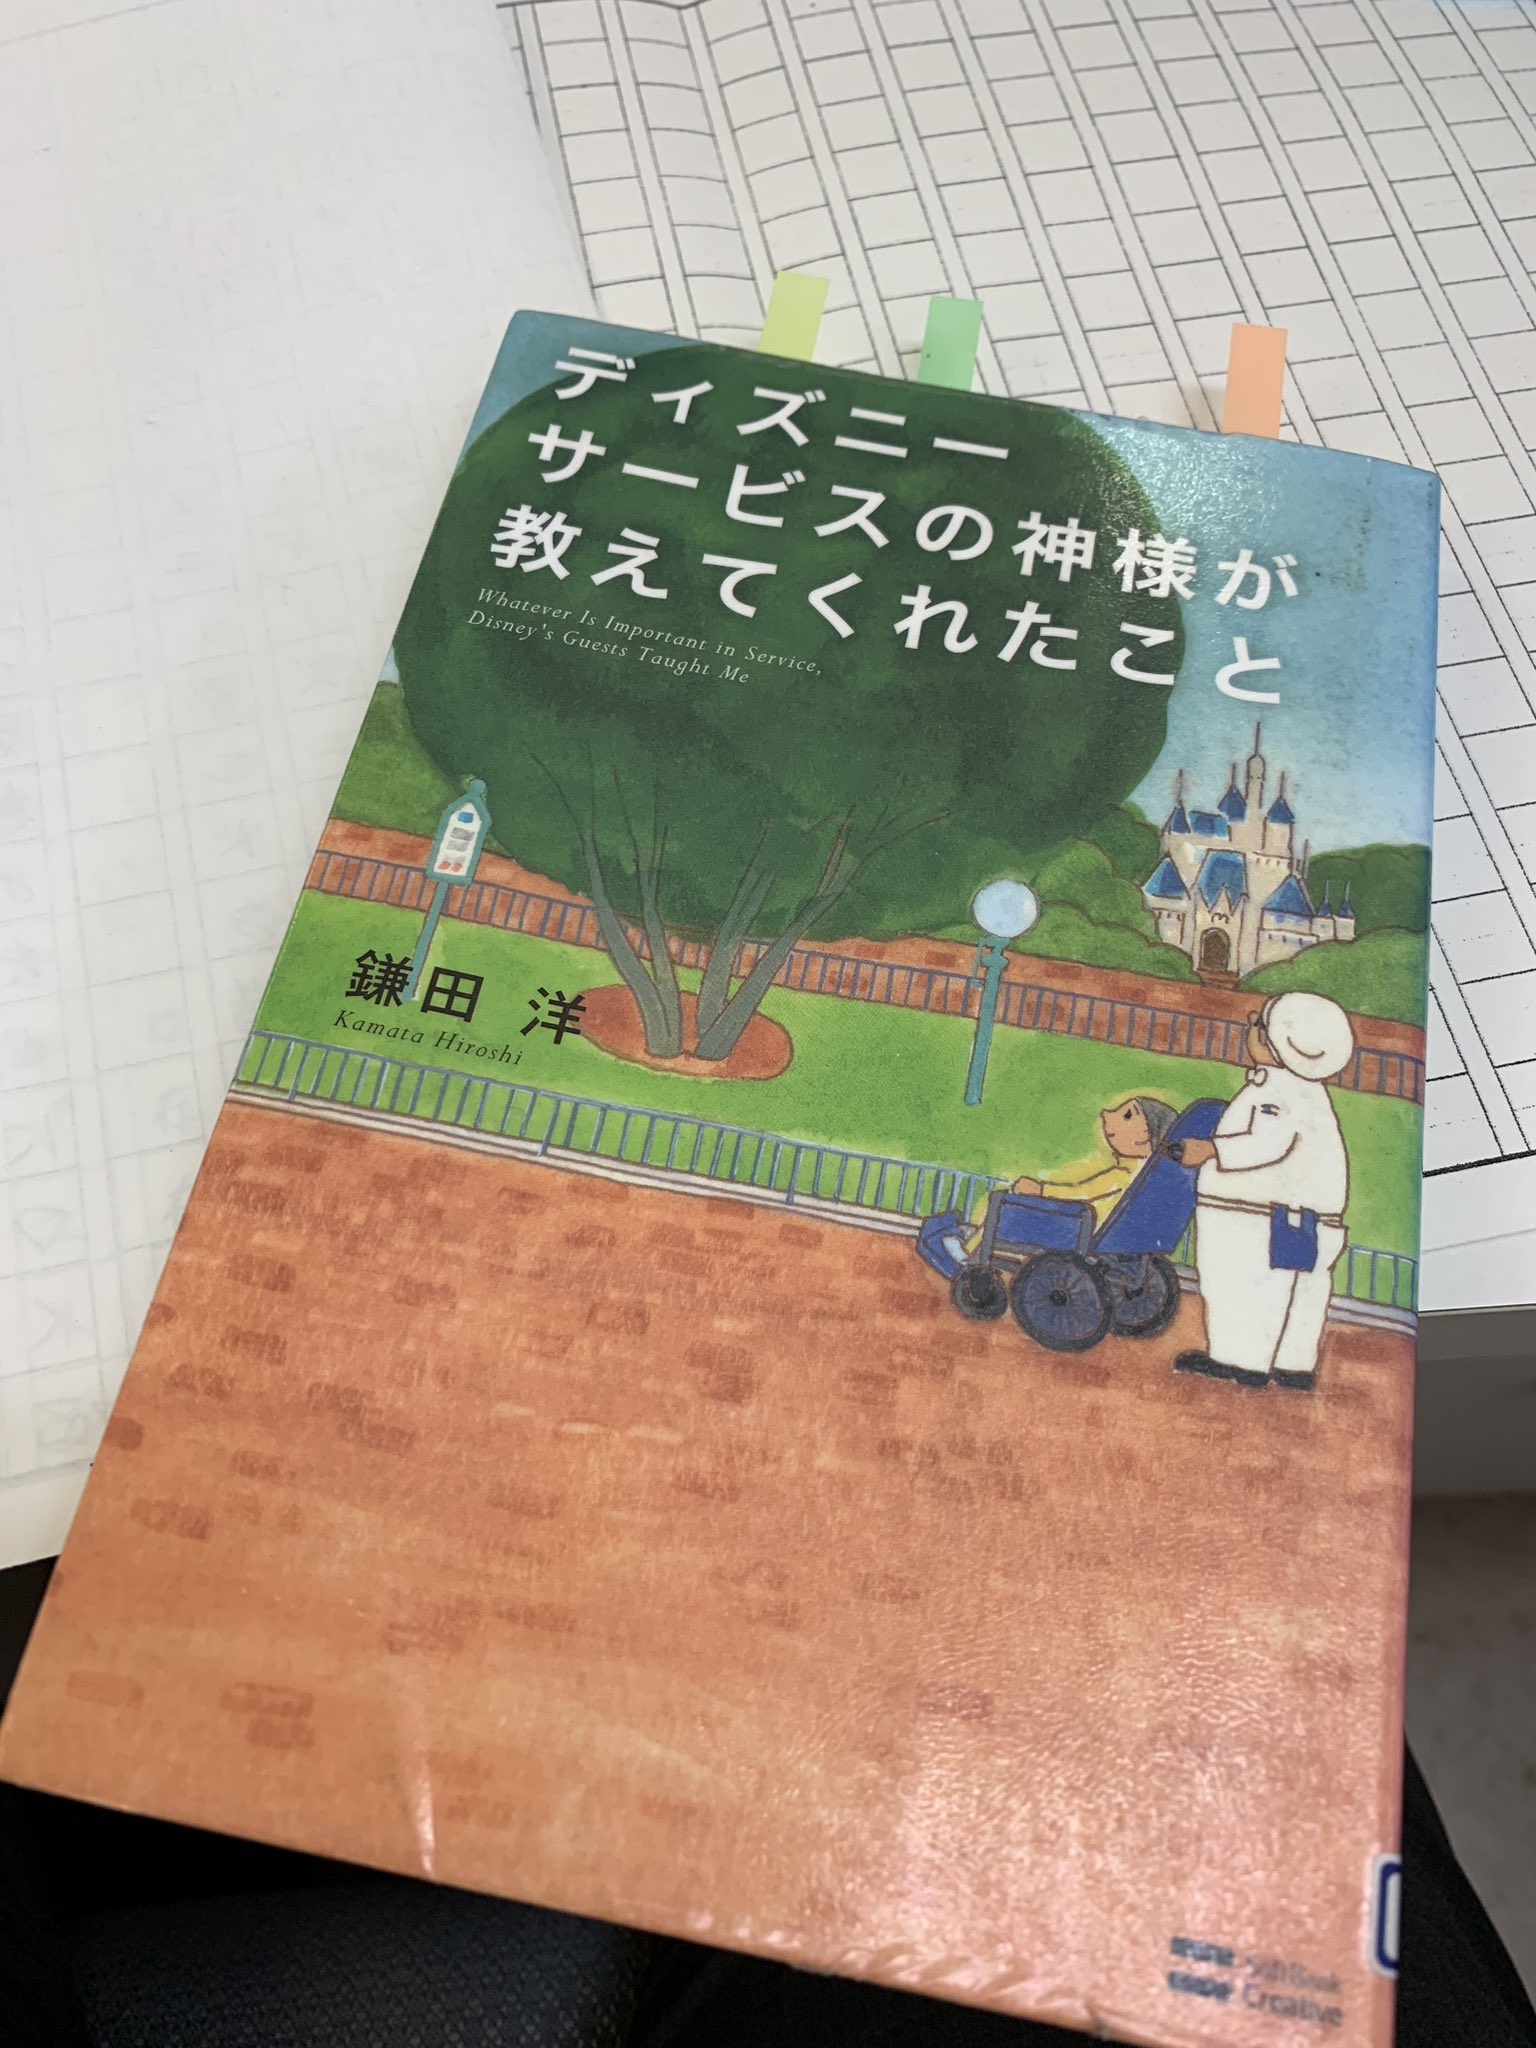 素晴らしい本でしたpage-visual 素晴らしい本でしたビジュアル